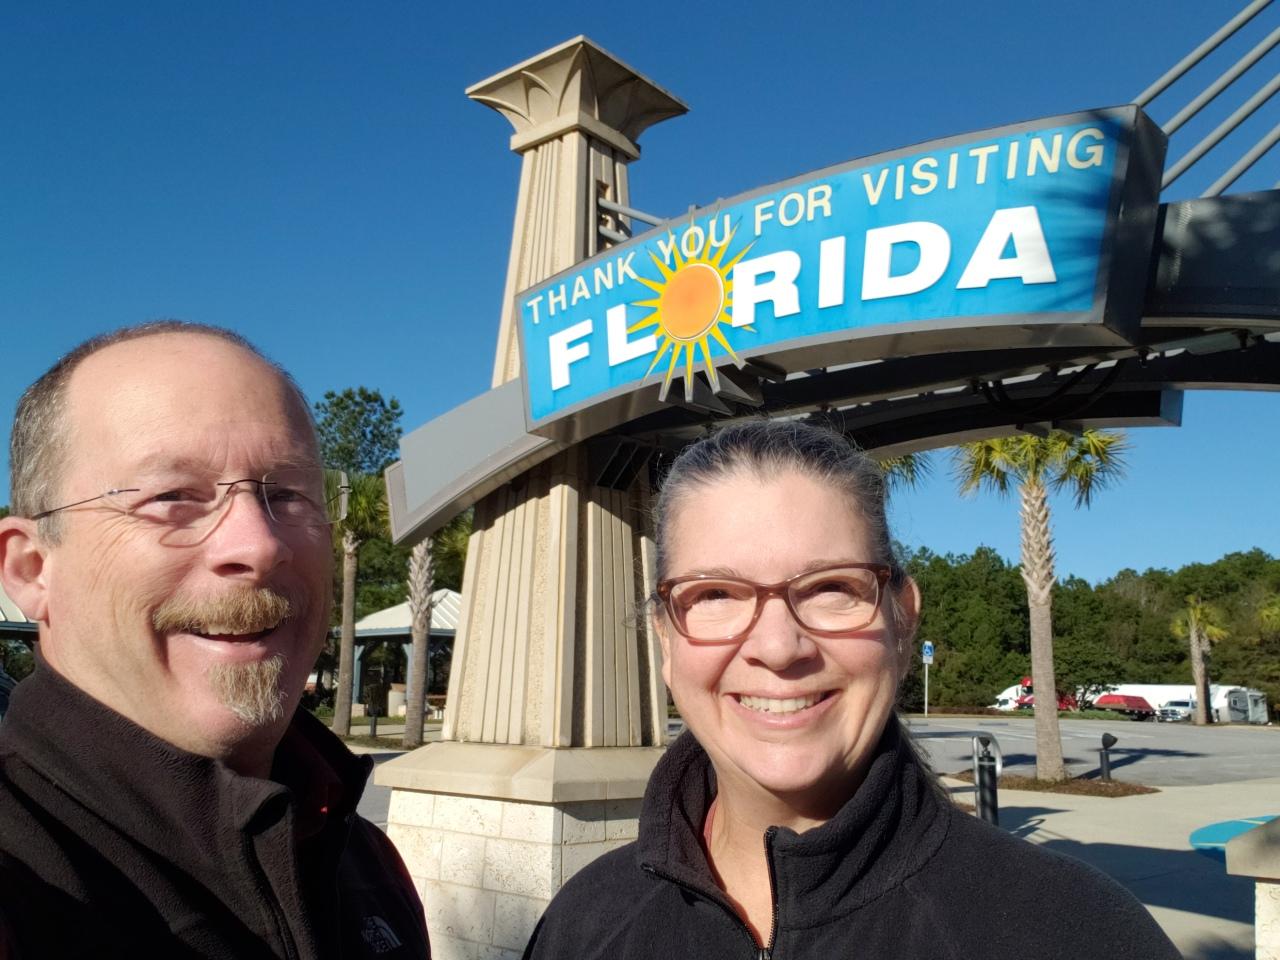 Finally, Florida